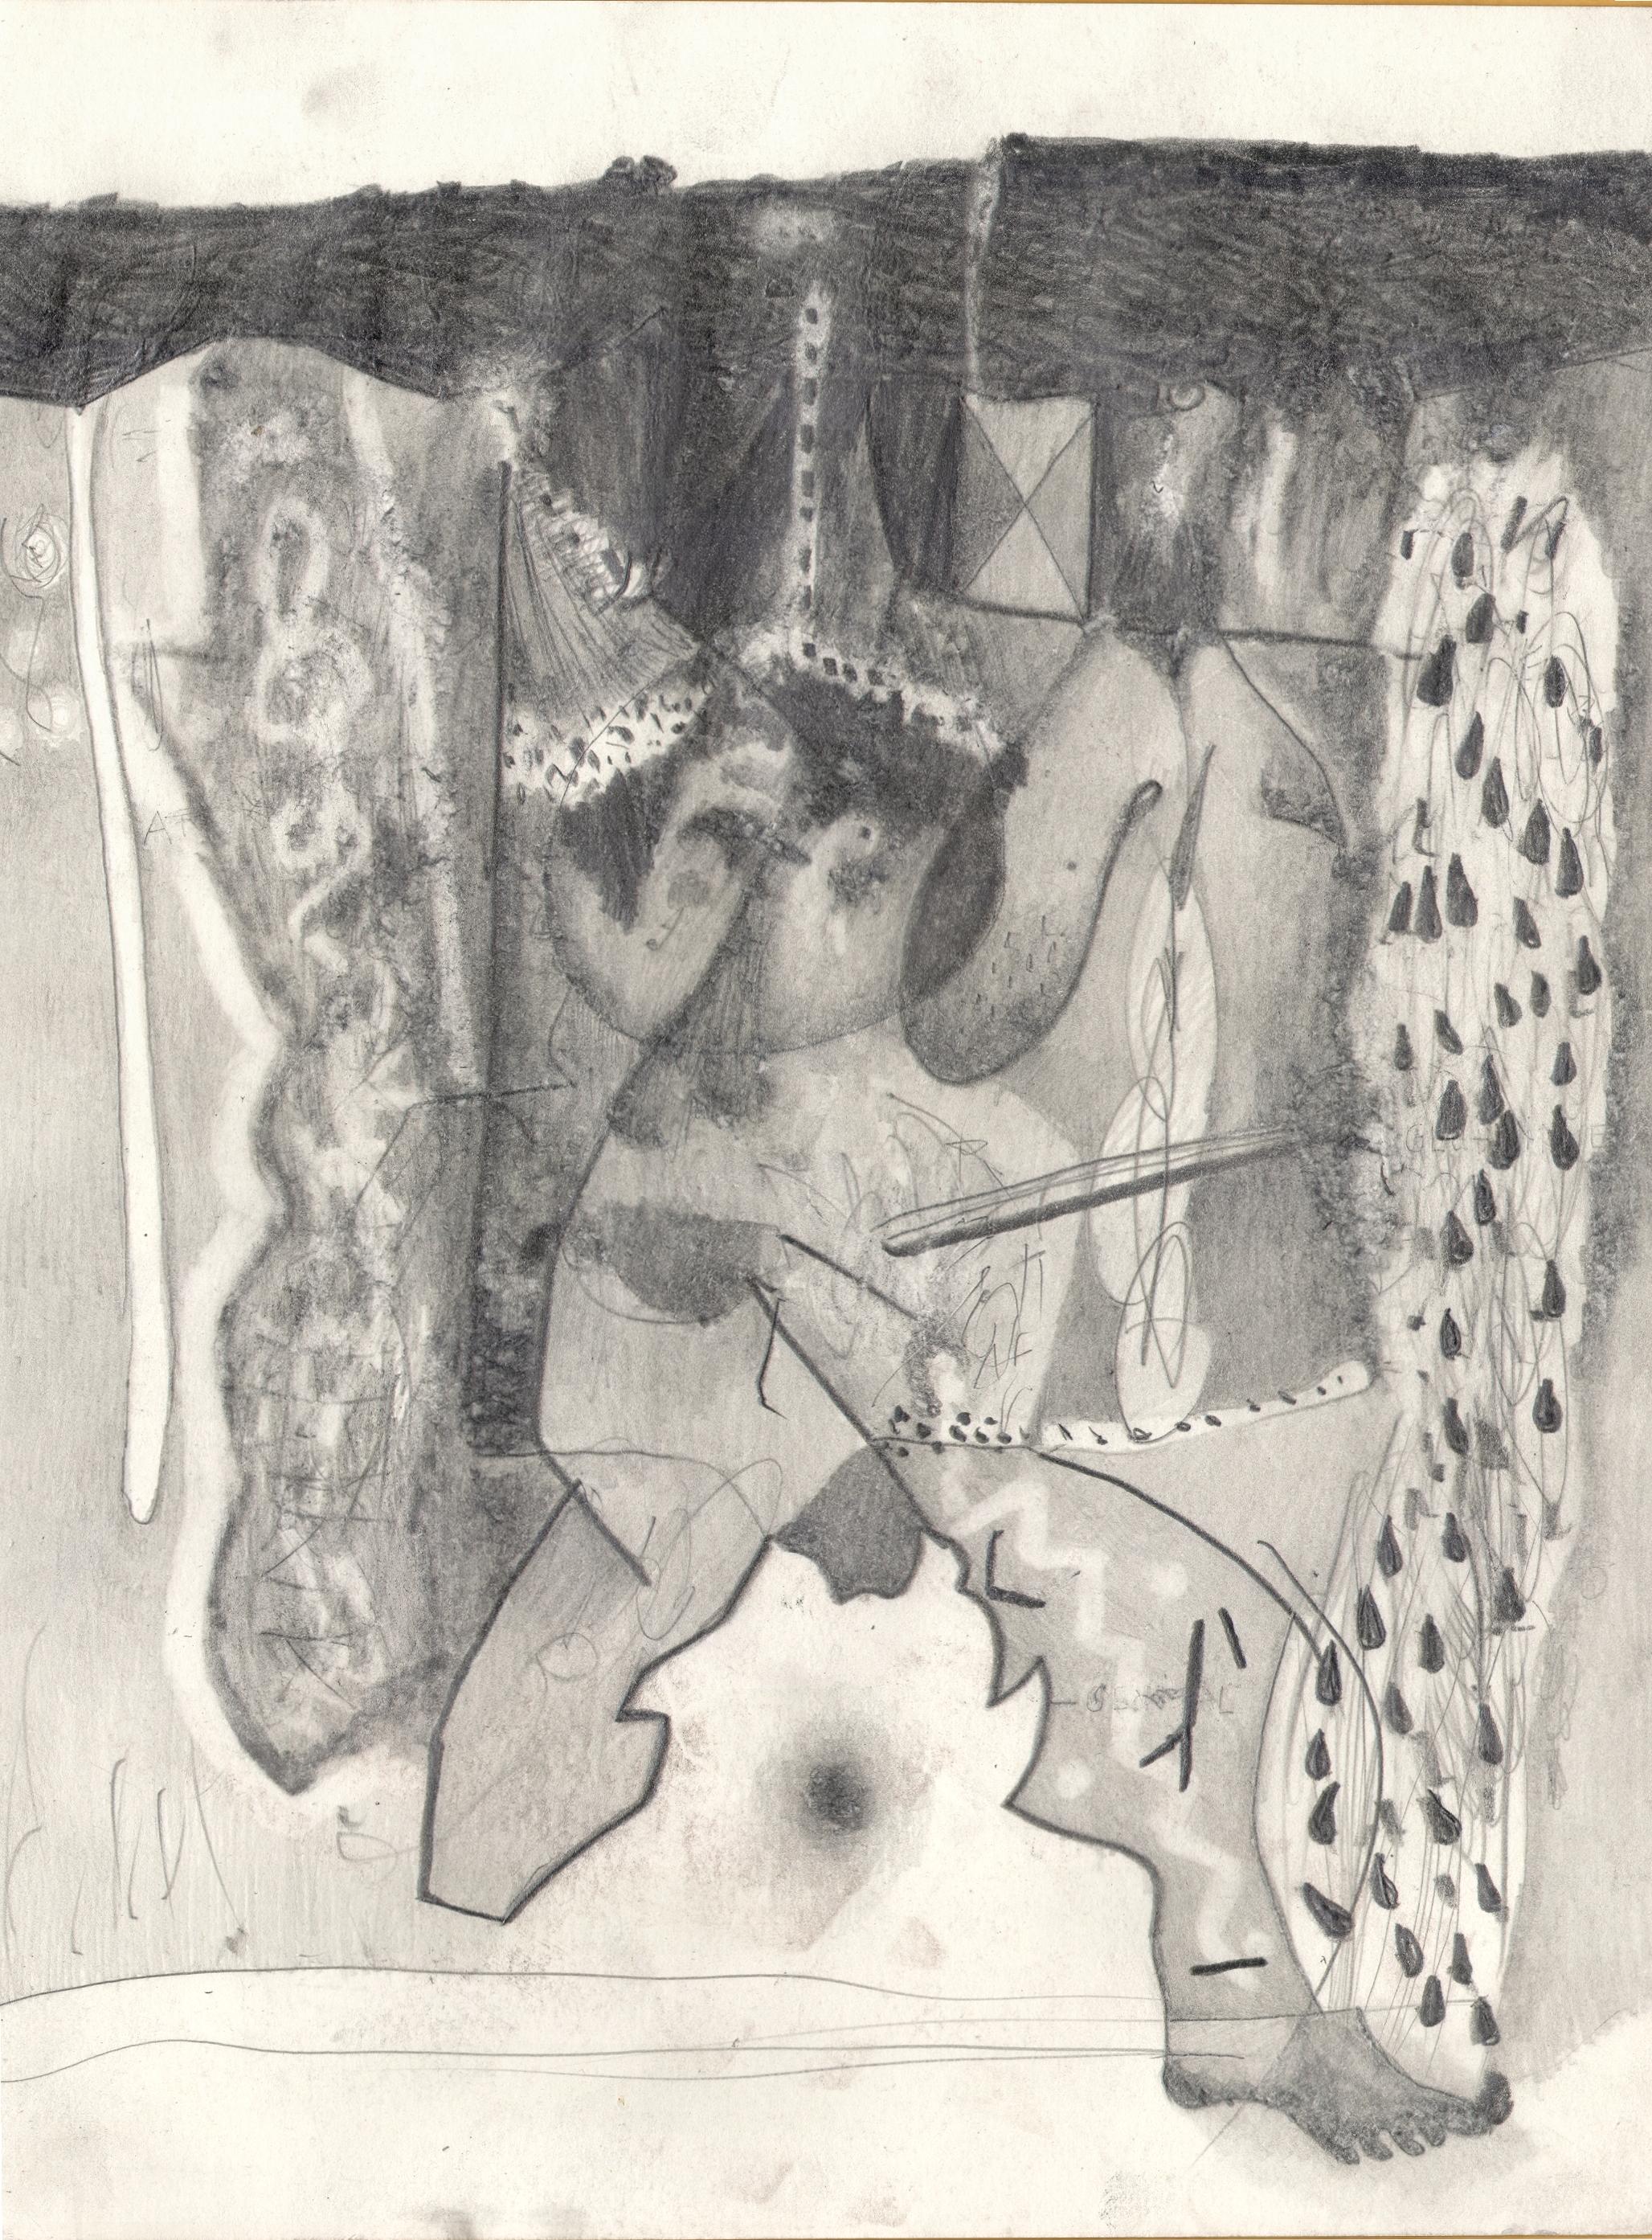 O.T. ( Allegorie Musik ), 2016  26x35.5cm, Bleistift auf Papier